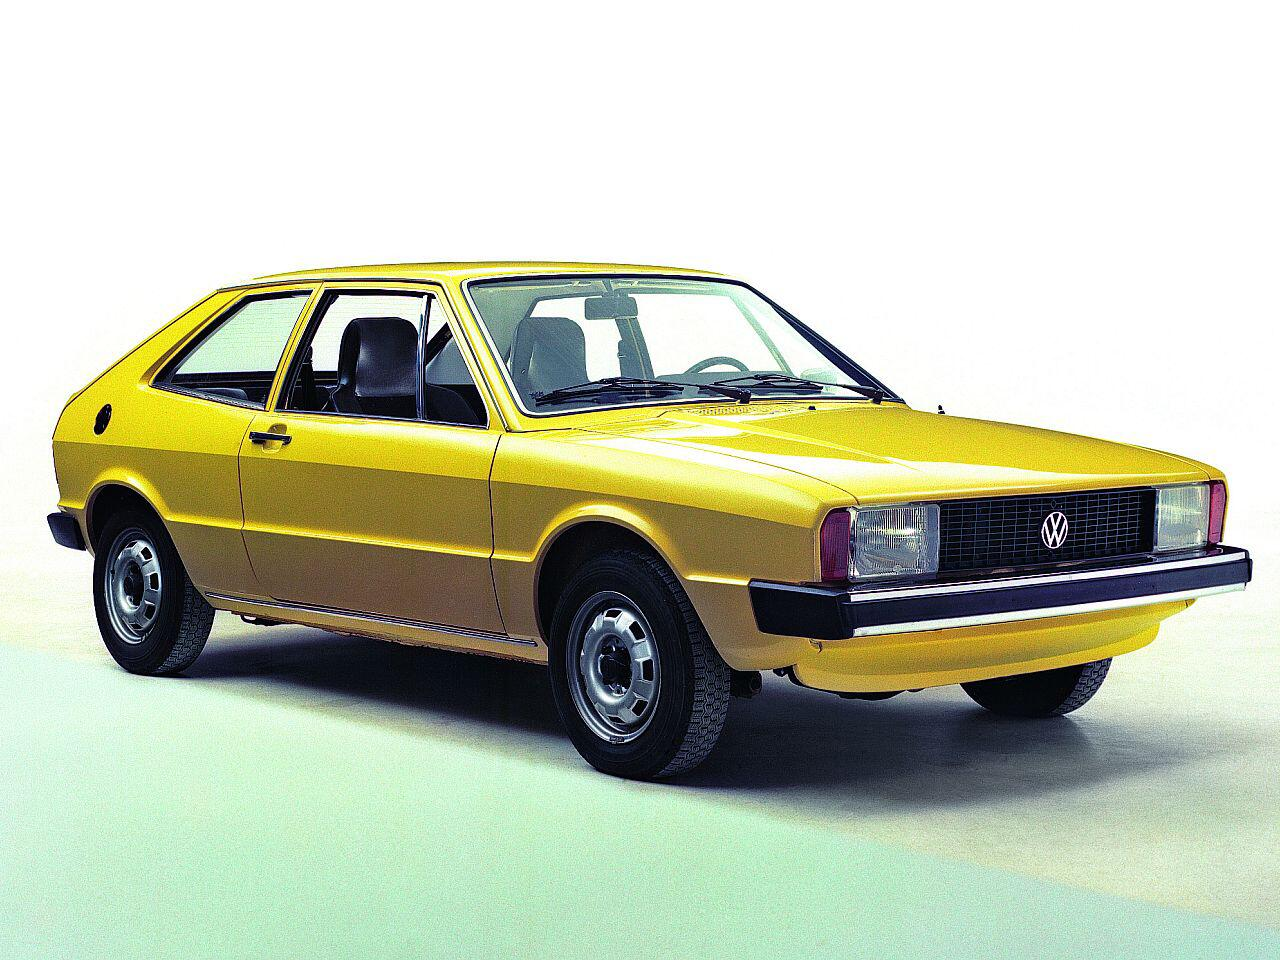 Bild zu 40-jähriges Jubiläum: Das viersitzige Sportcoupé VW Scirocco 1